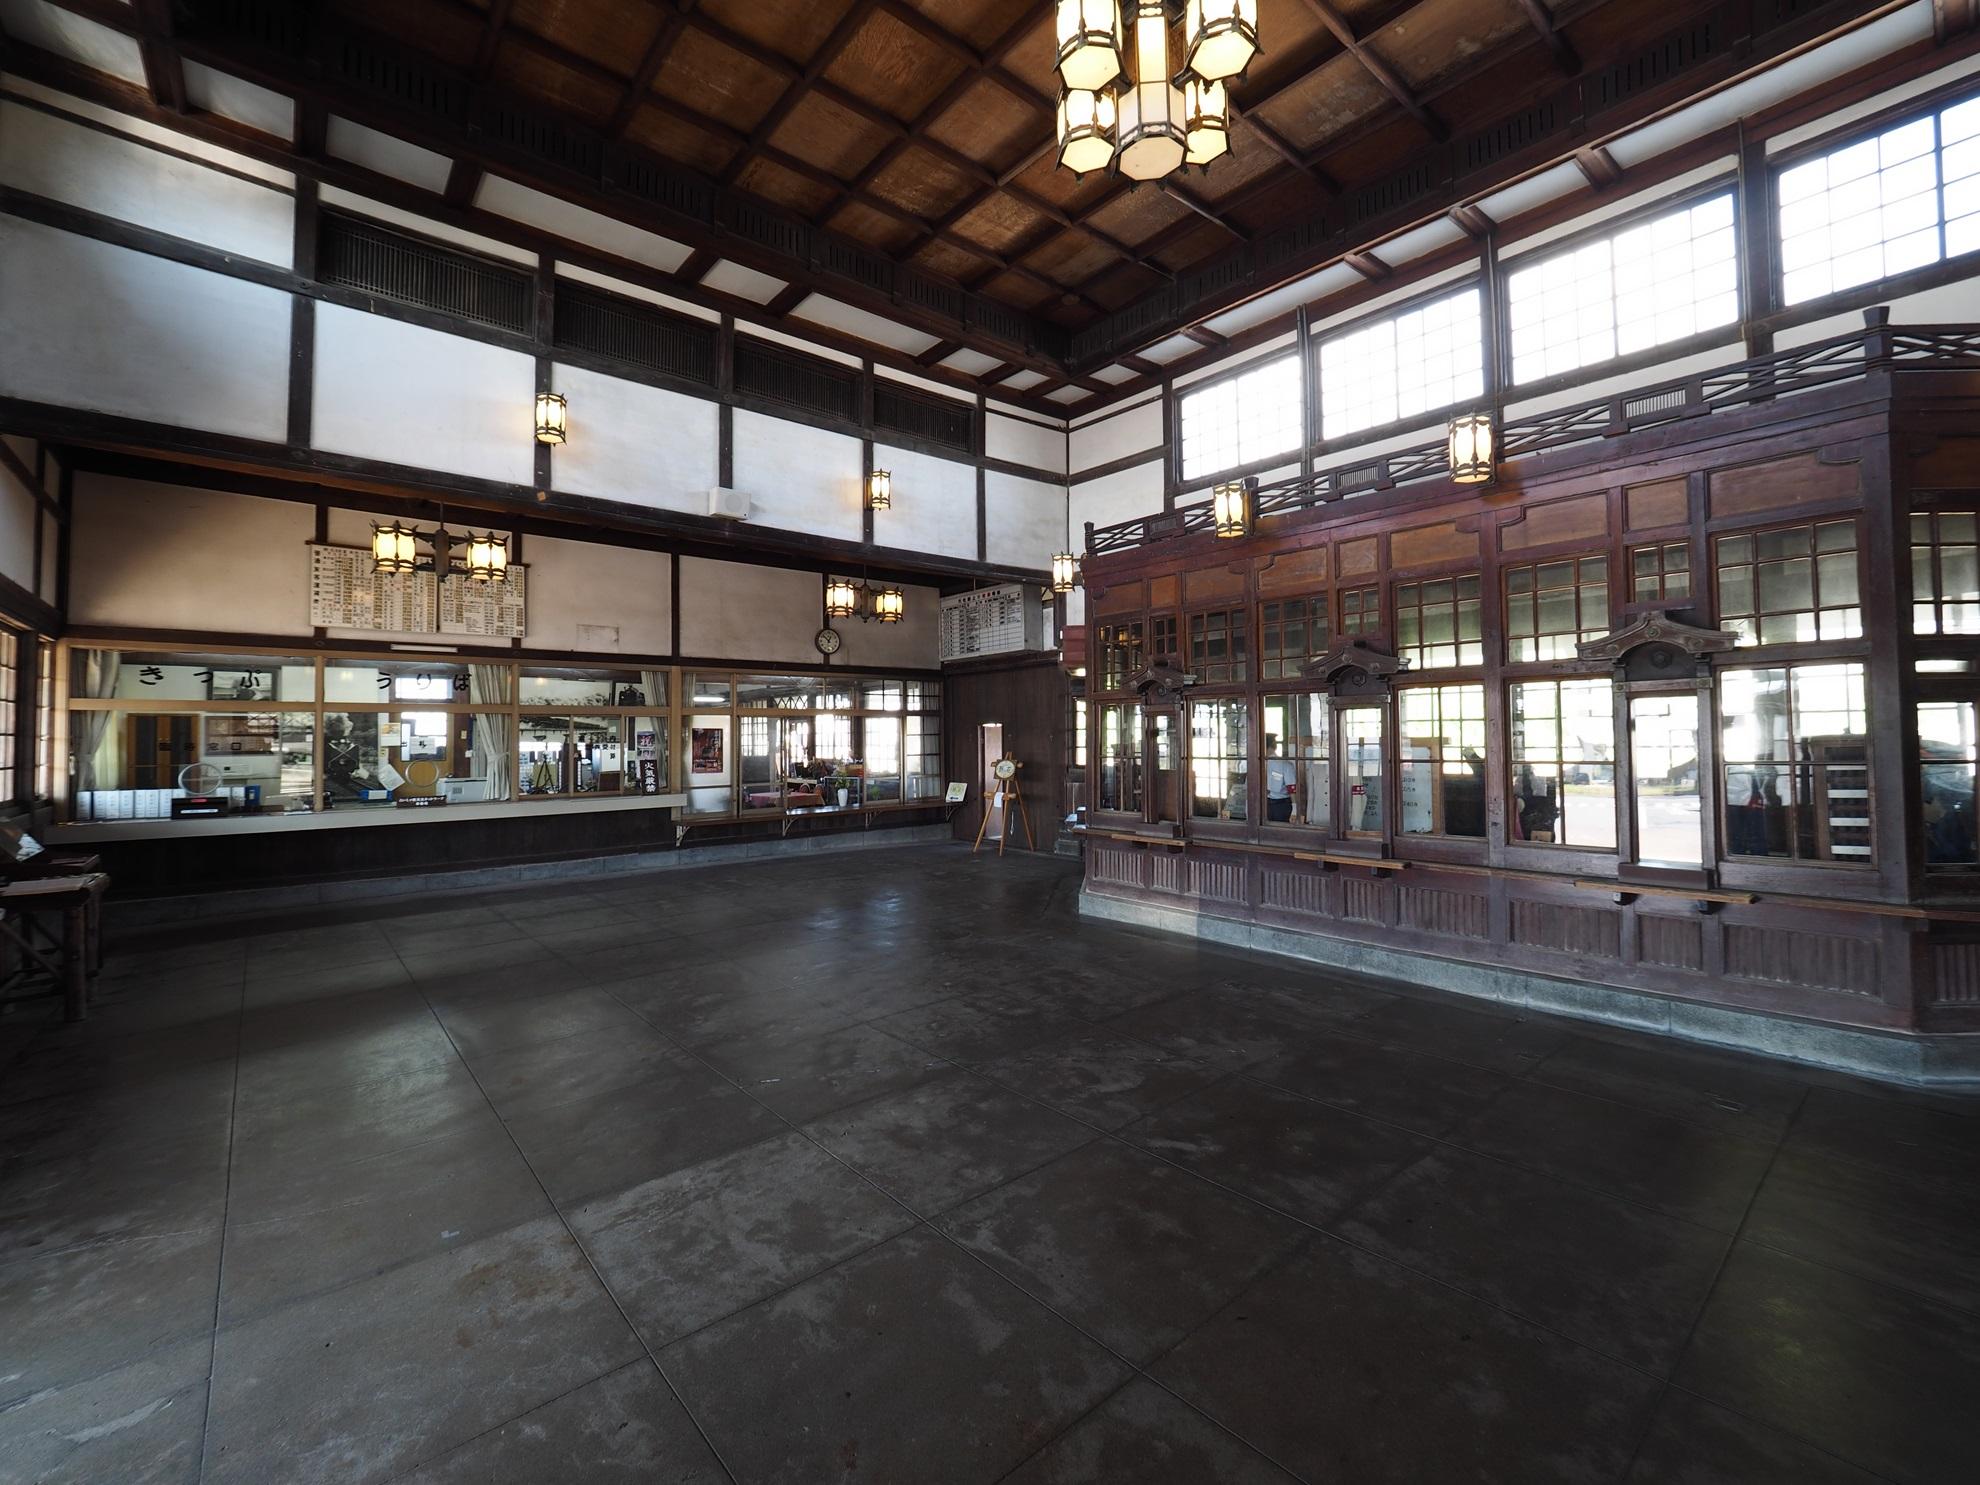 旧大社駅待合室